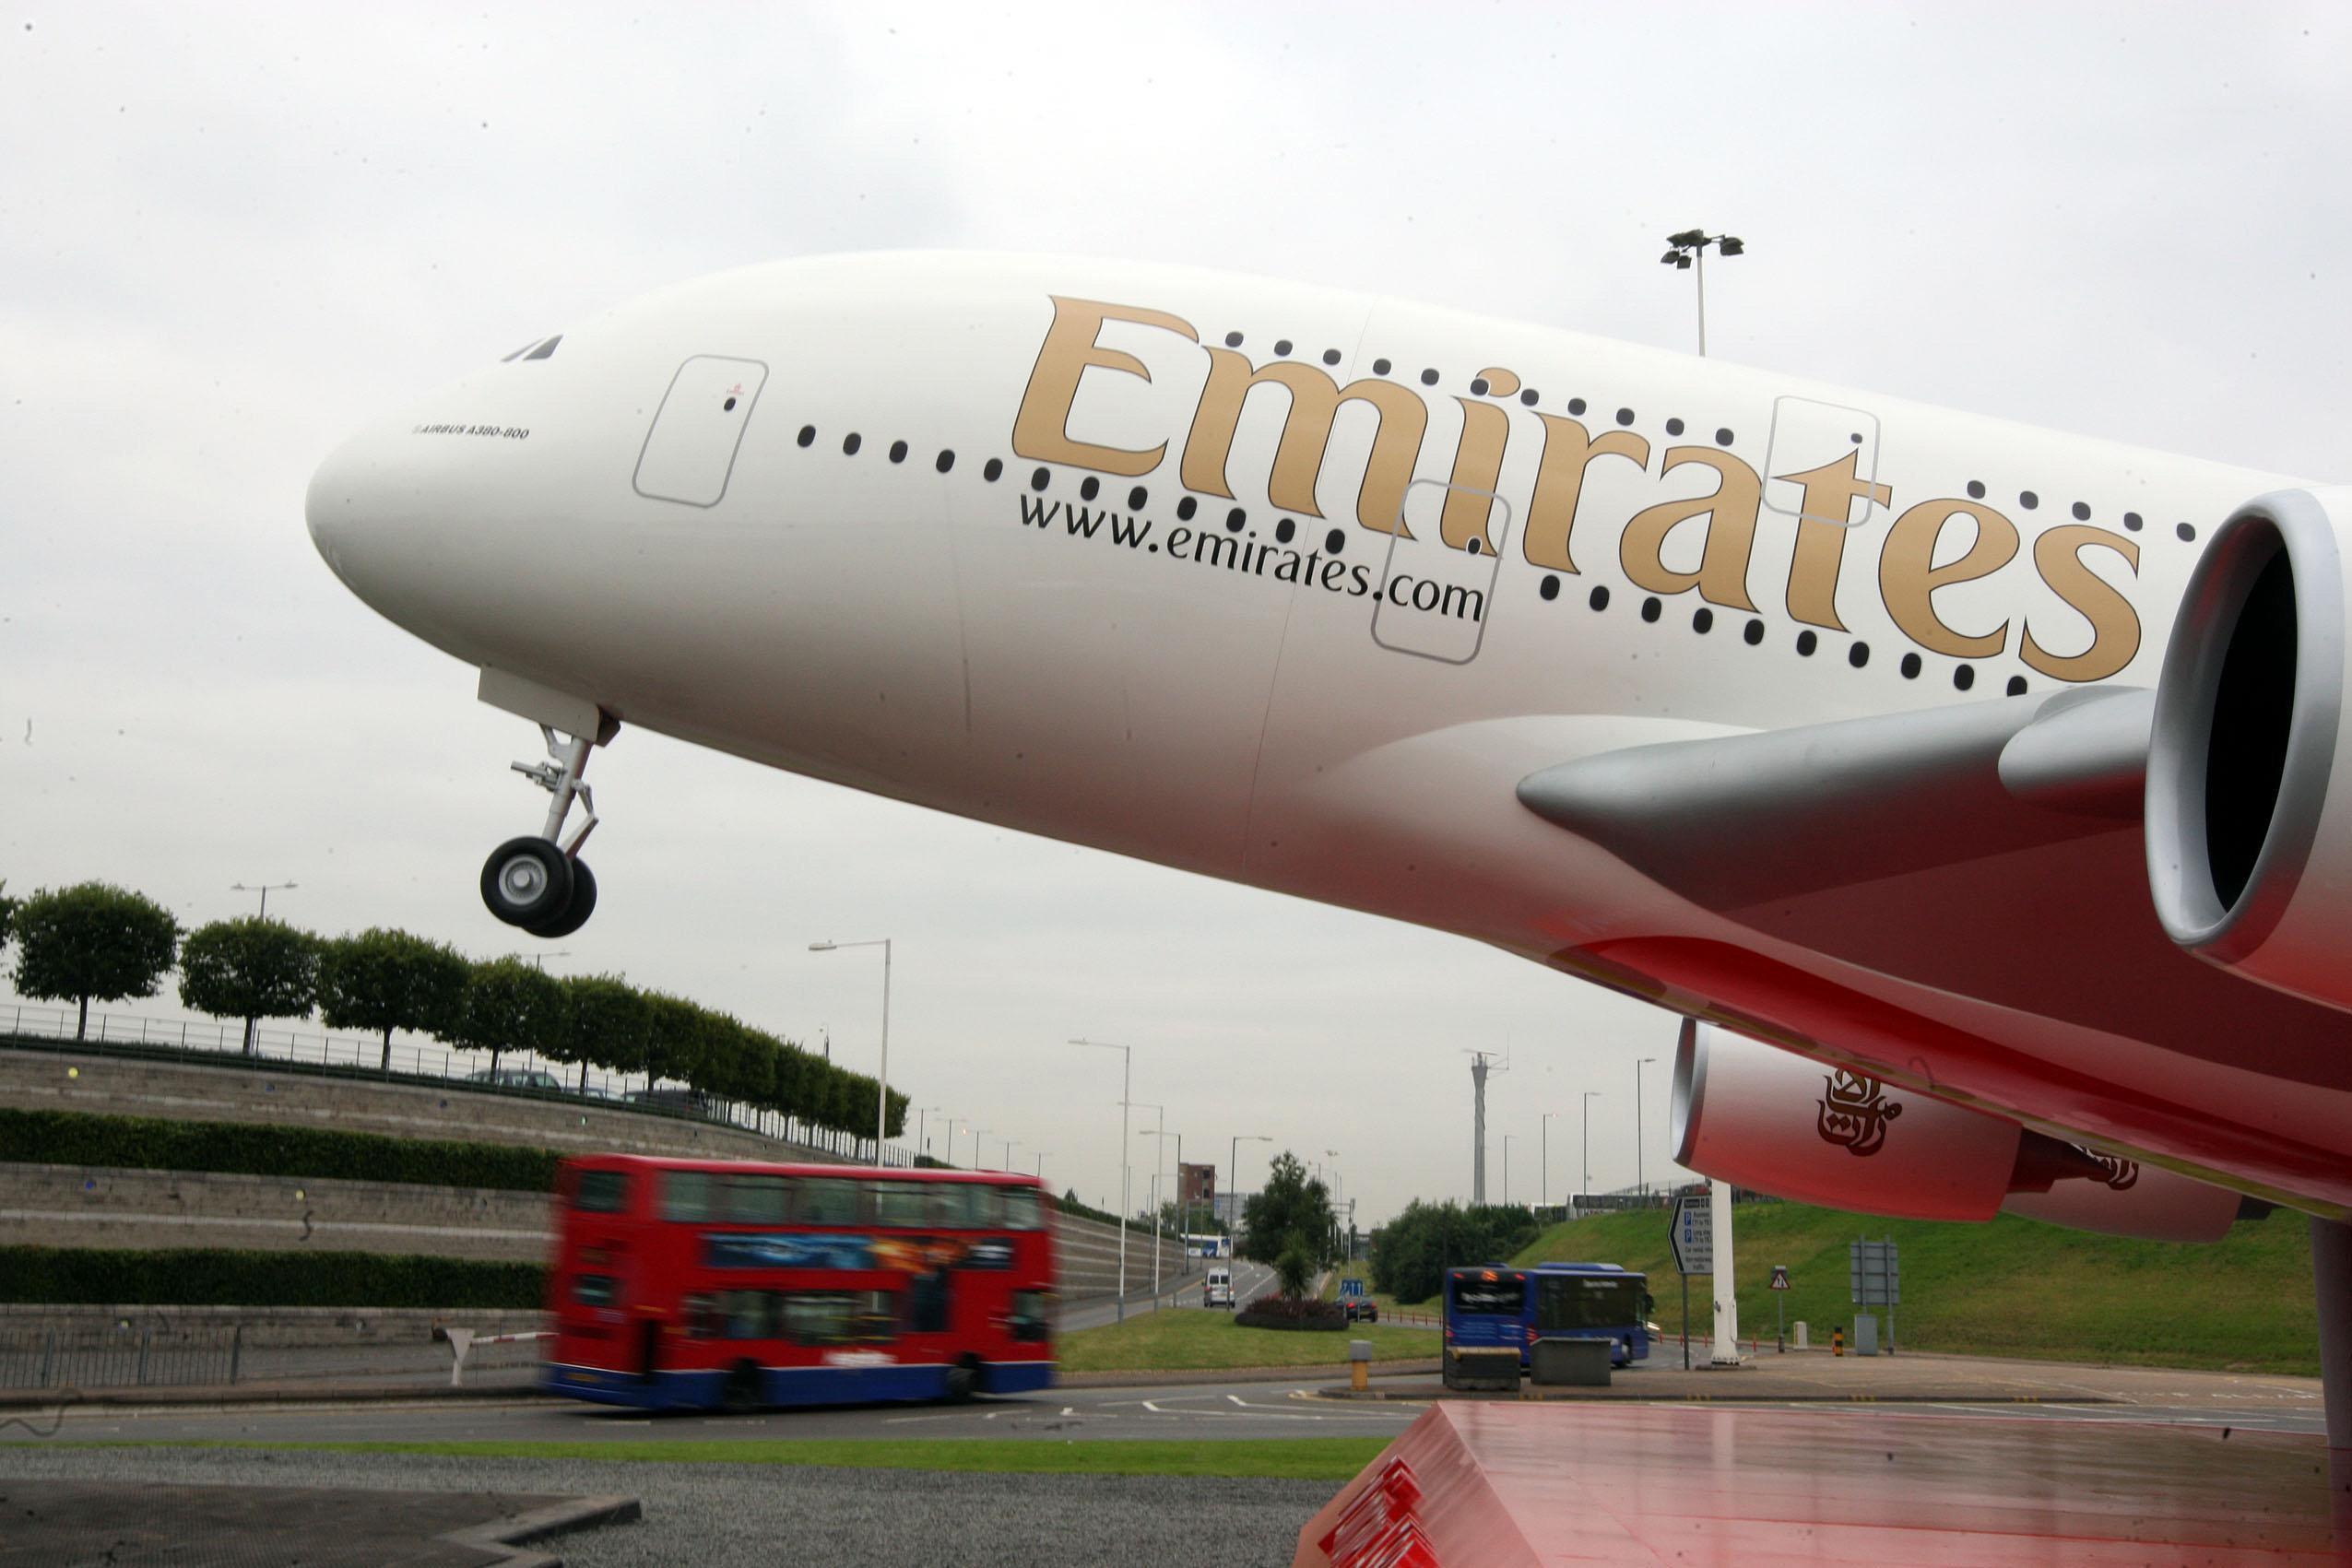 Ακύρωση των πτήσεων της αεροπορικής εταιρίας Emirates προς την